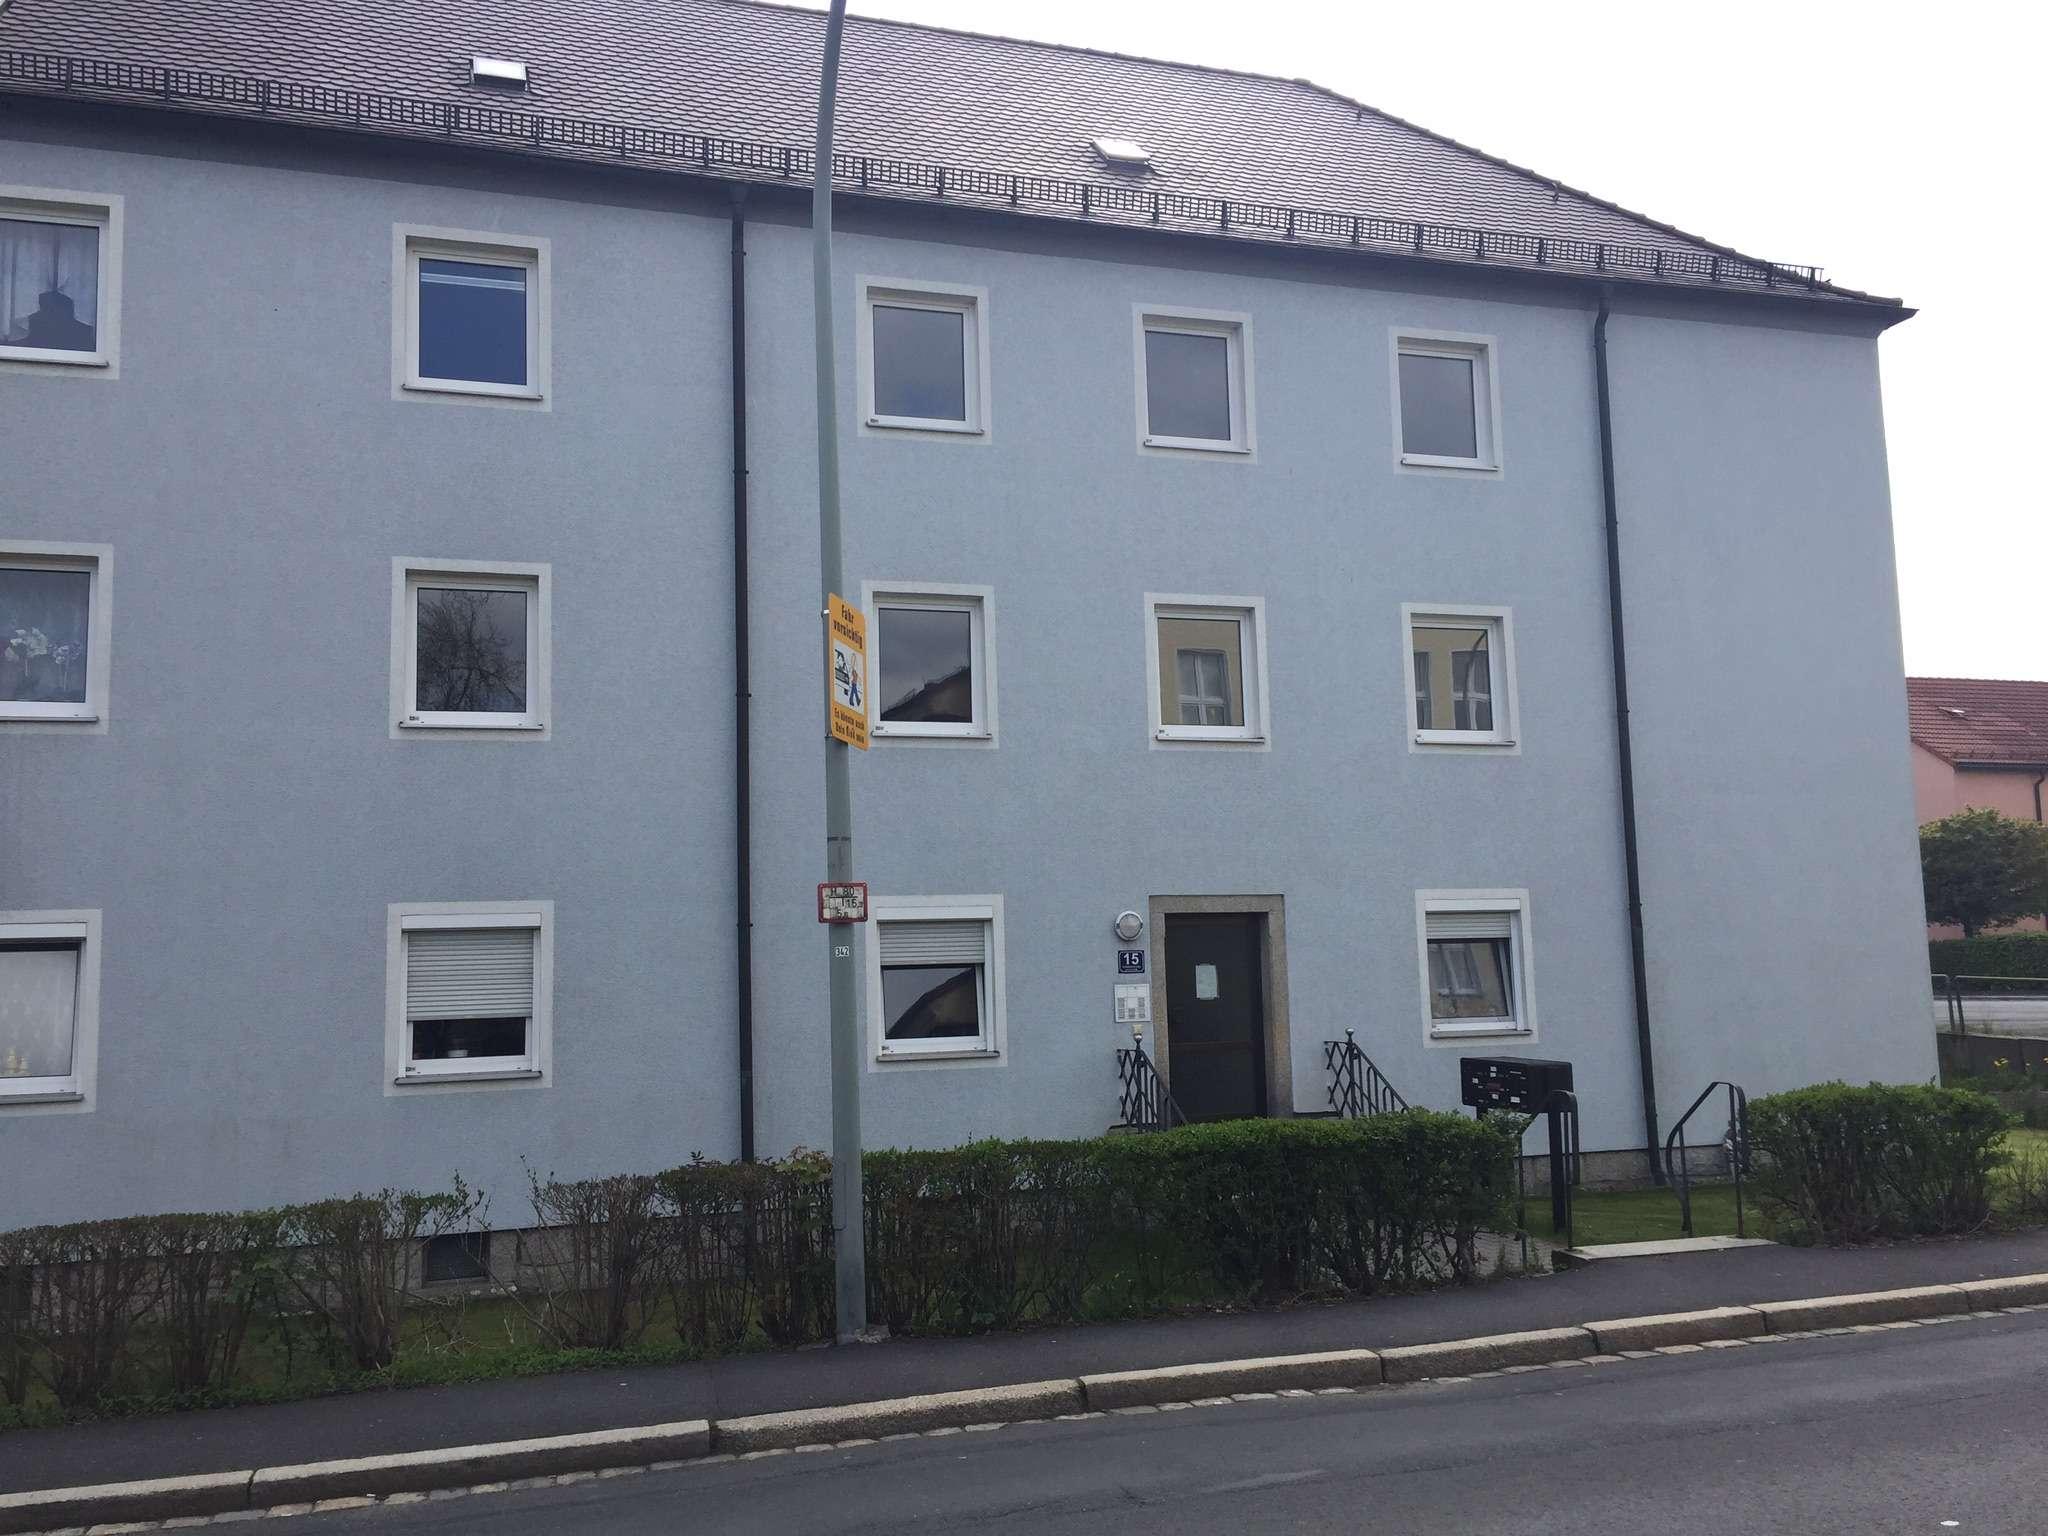 Gemütliche 2 Zimmer Wohnung in Mitterteich in